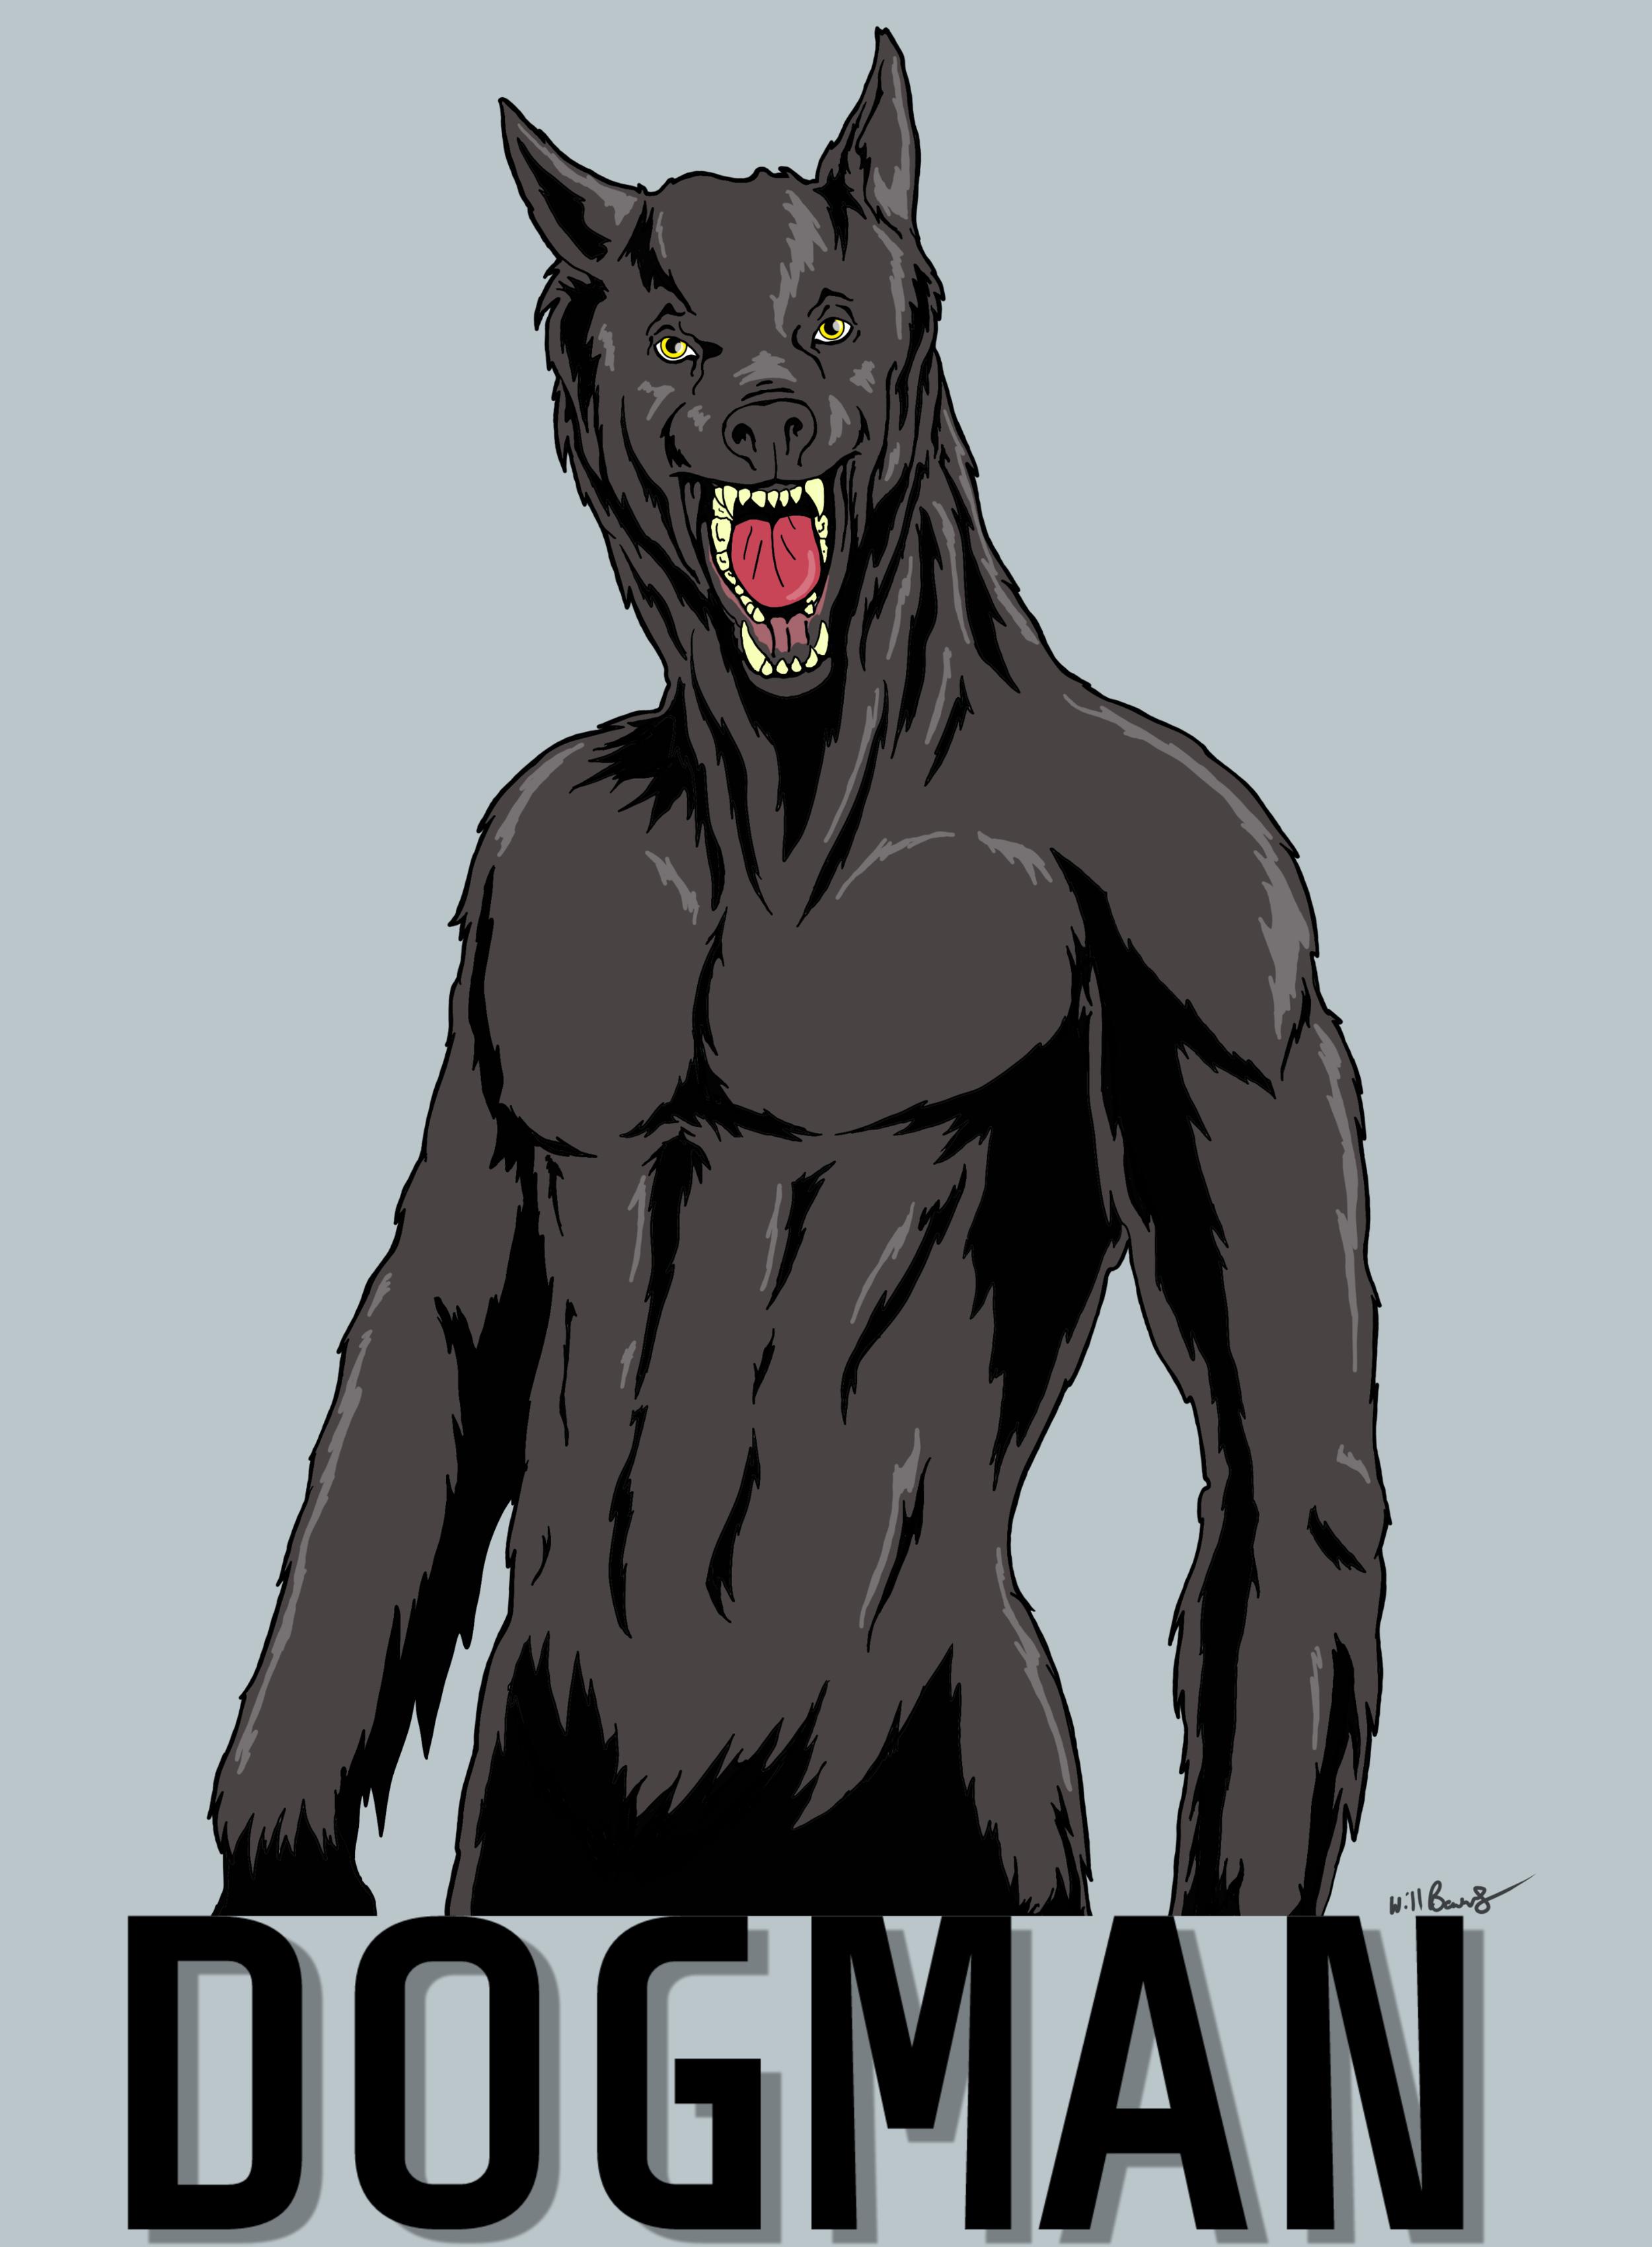 Dogman3.png